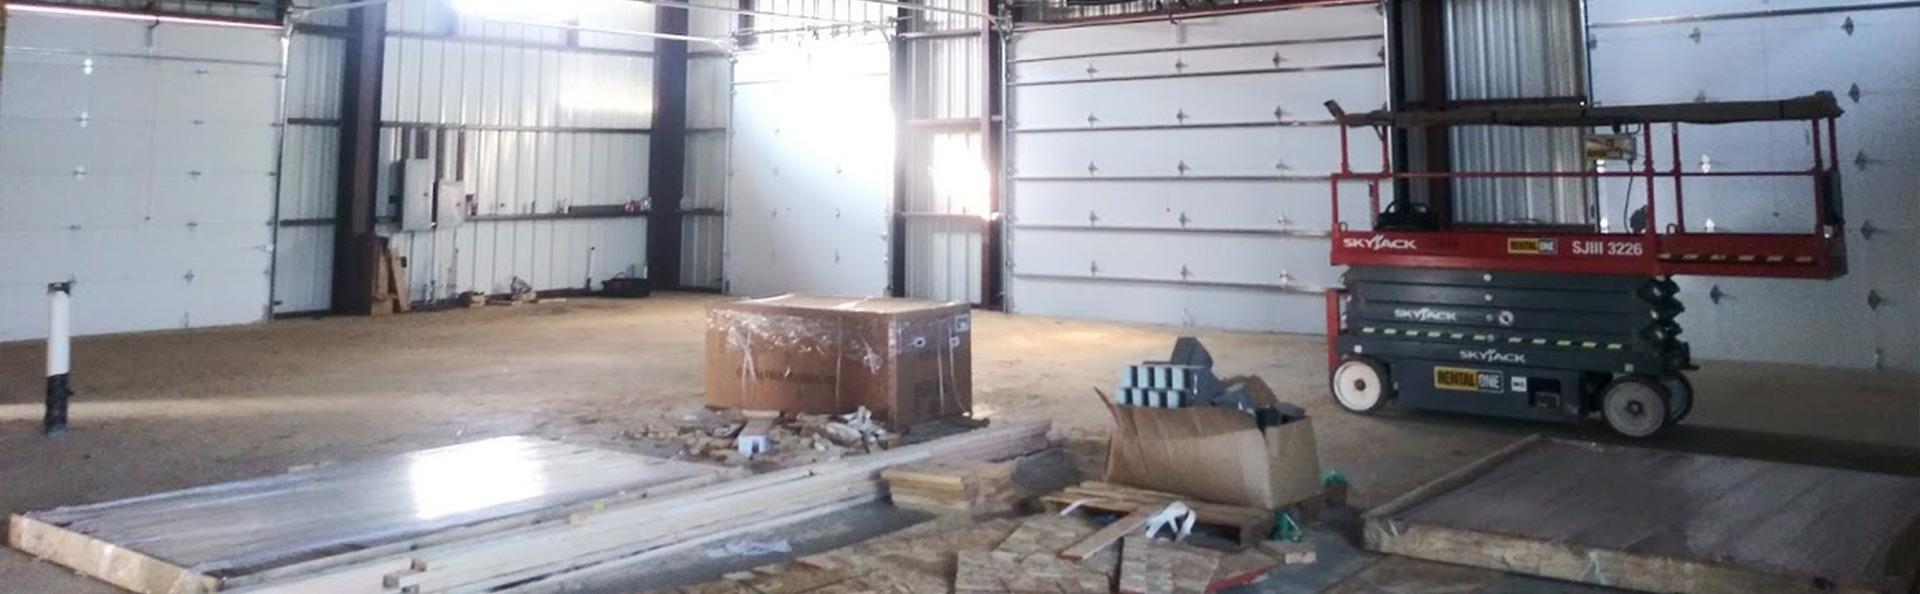 Commercial Overhead Garage Door Service in Denton, TX